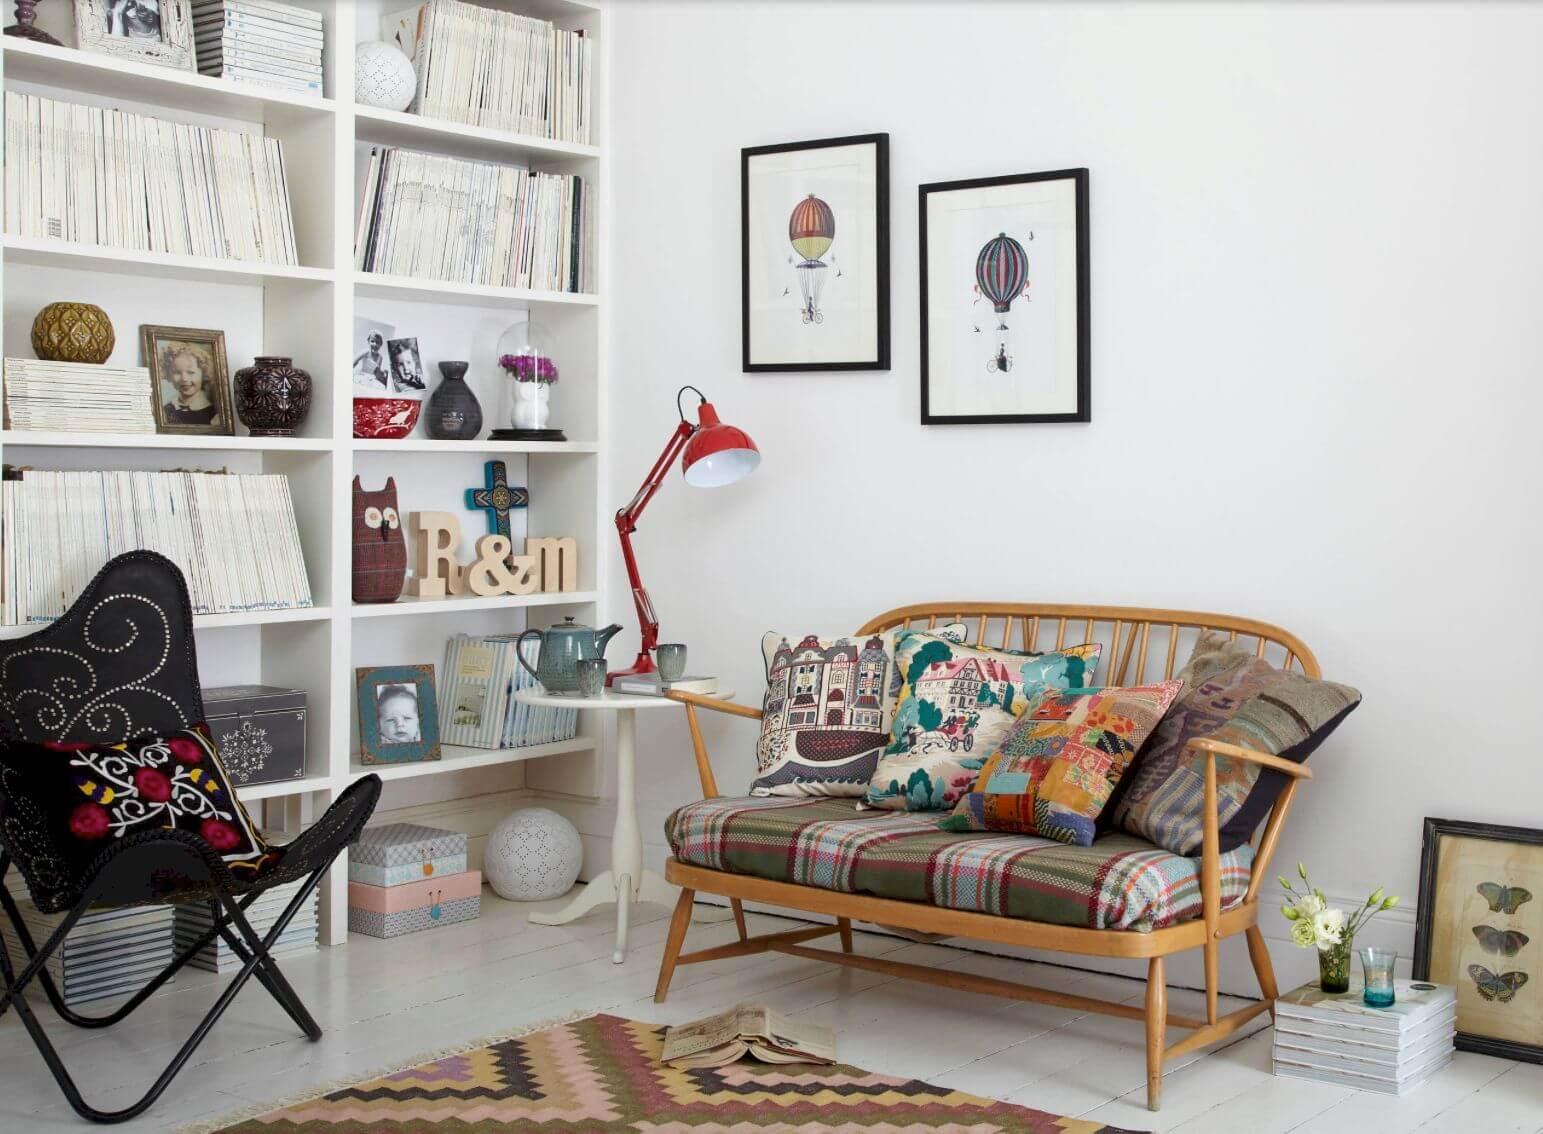 Цветная мебель - отличный акцент в однотонном интерьере